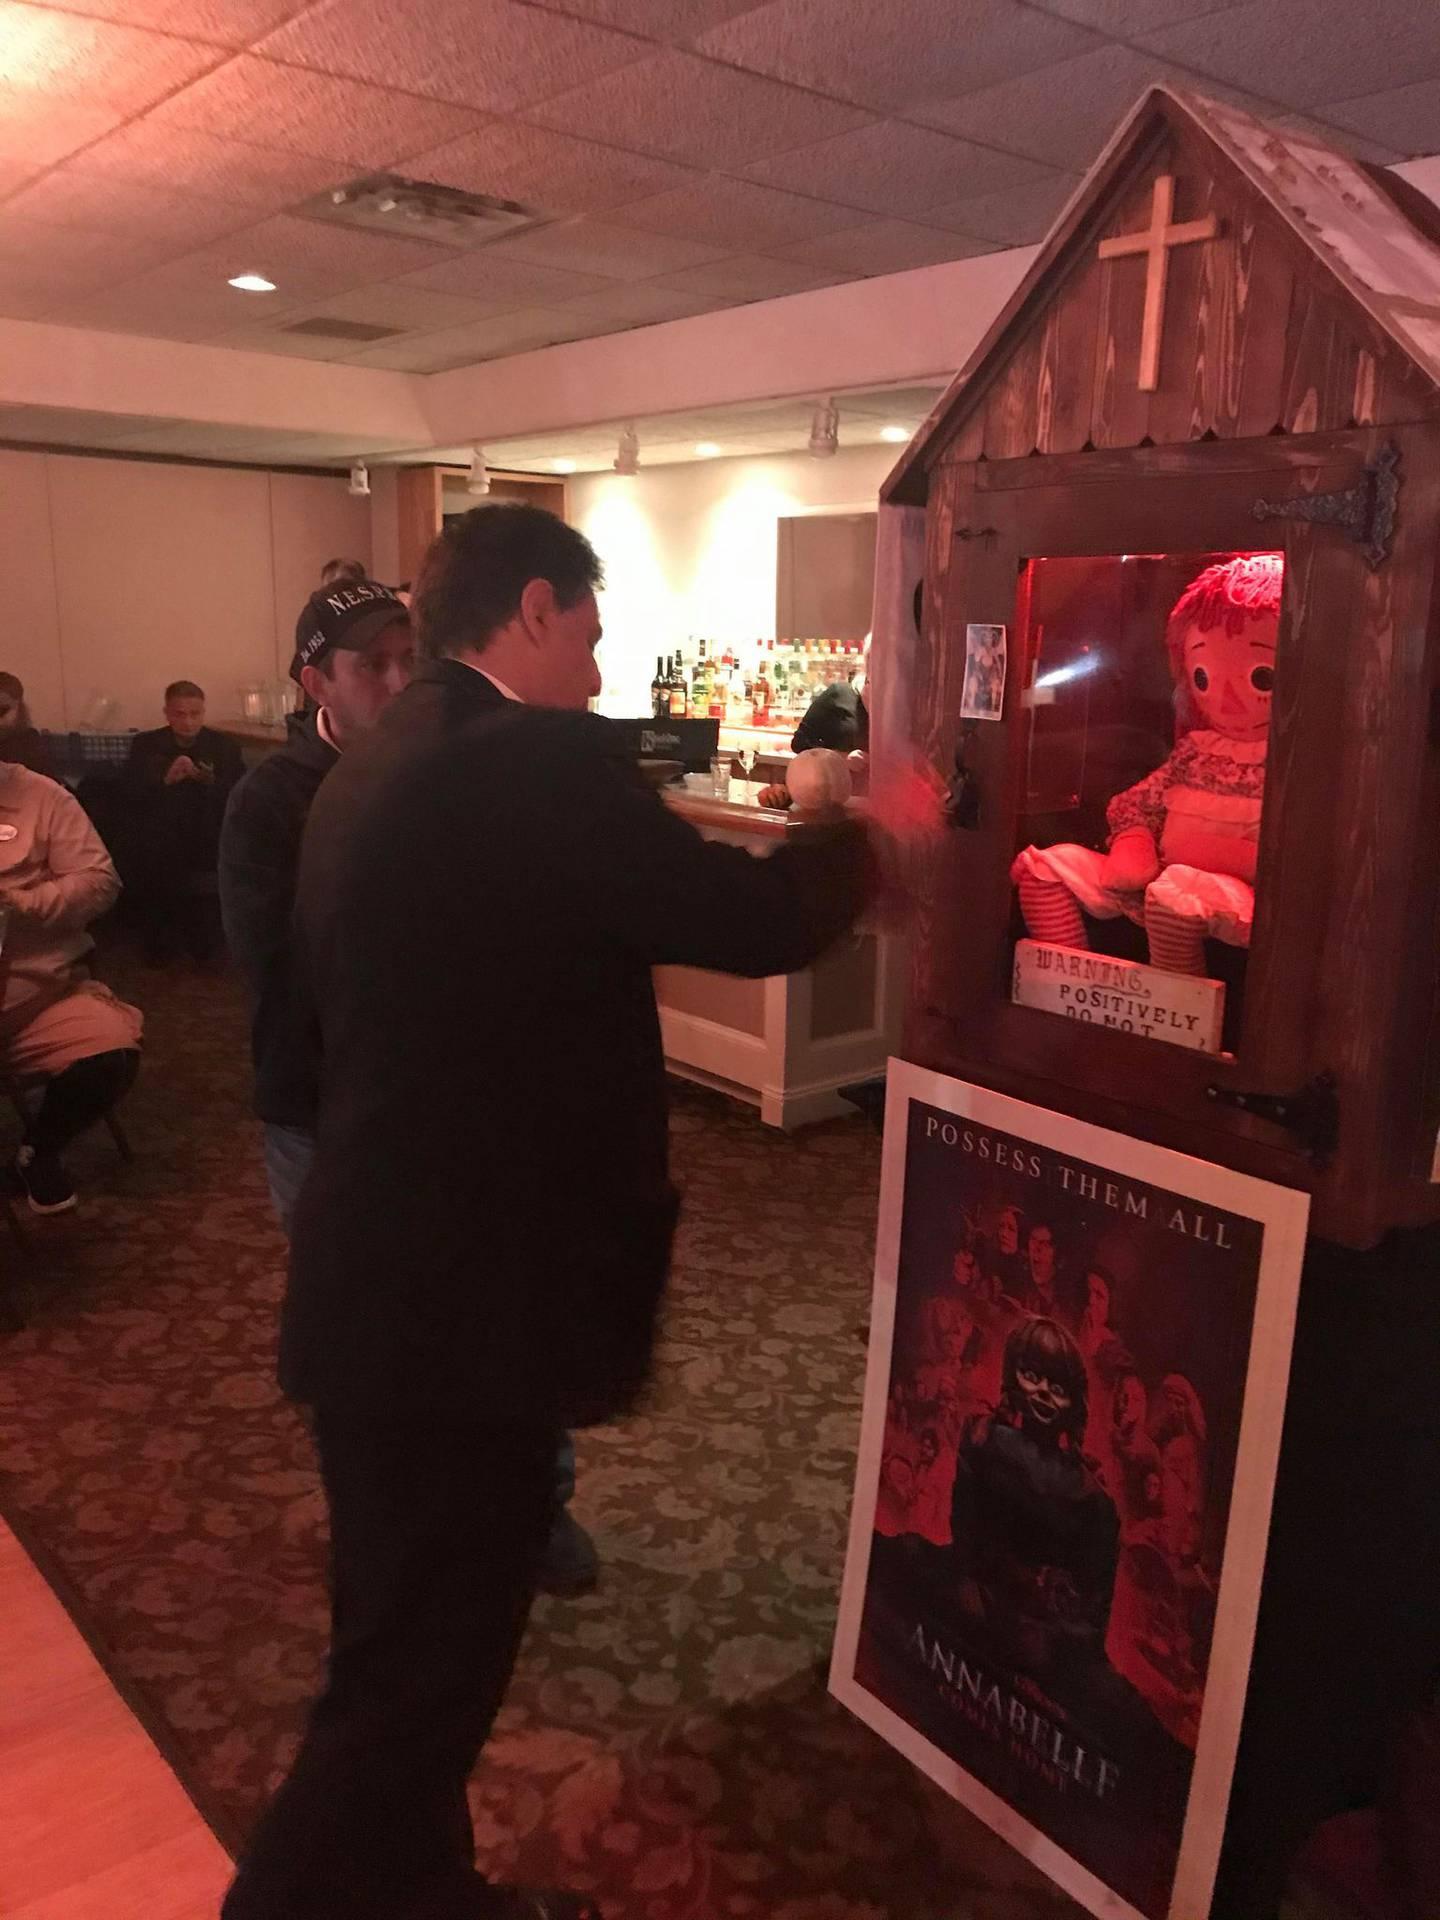 El sacerdote canadiense Platón Angelakis, quien fue ordenado sacerdote católico ortodoxo con los Oblatos de Santa Teresa en Wisconsin en 1999, es quien bendice dos veces al mes a la muñeca maldita Annabelle en el Museo de lo Oculto de los Edward y Lorraine Warren (ya fallecidos) en Estados Unidos.